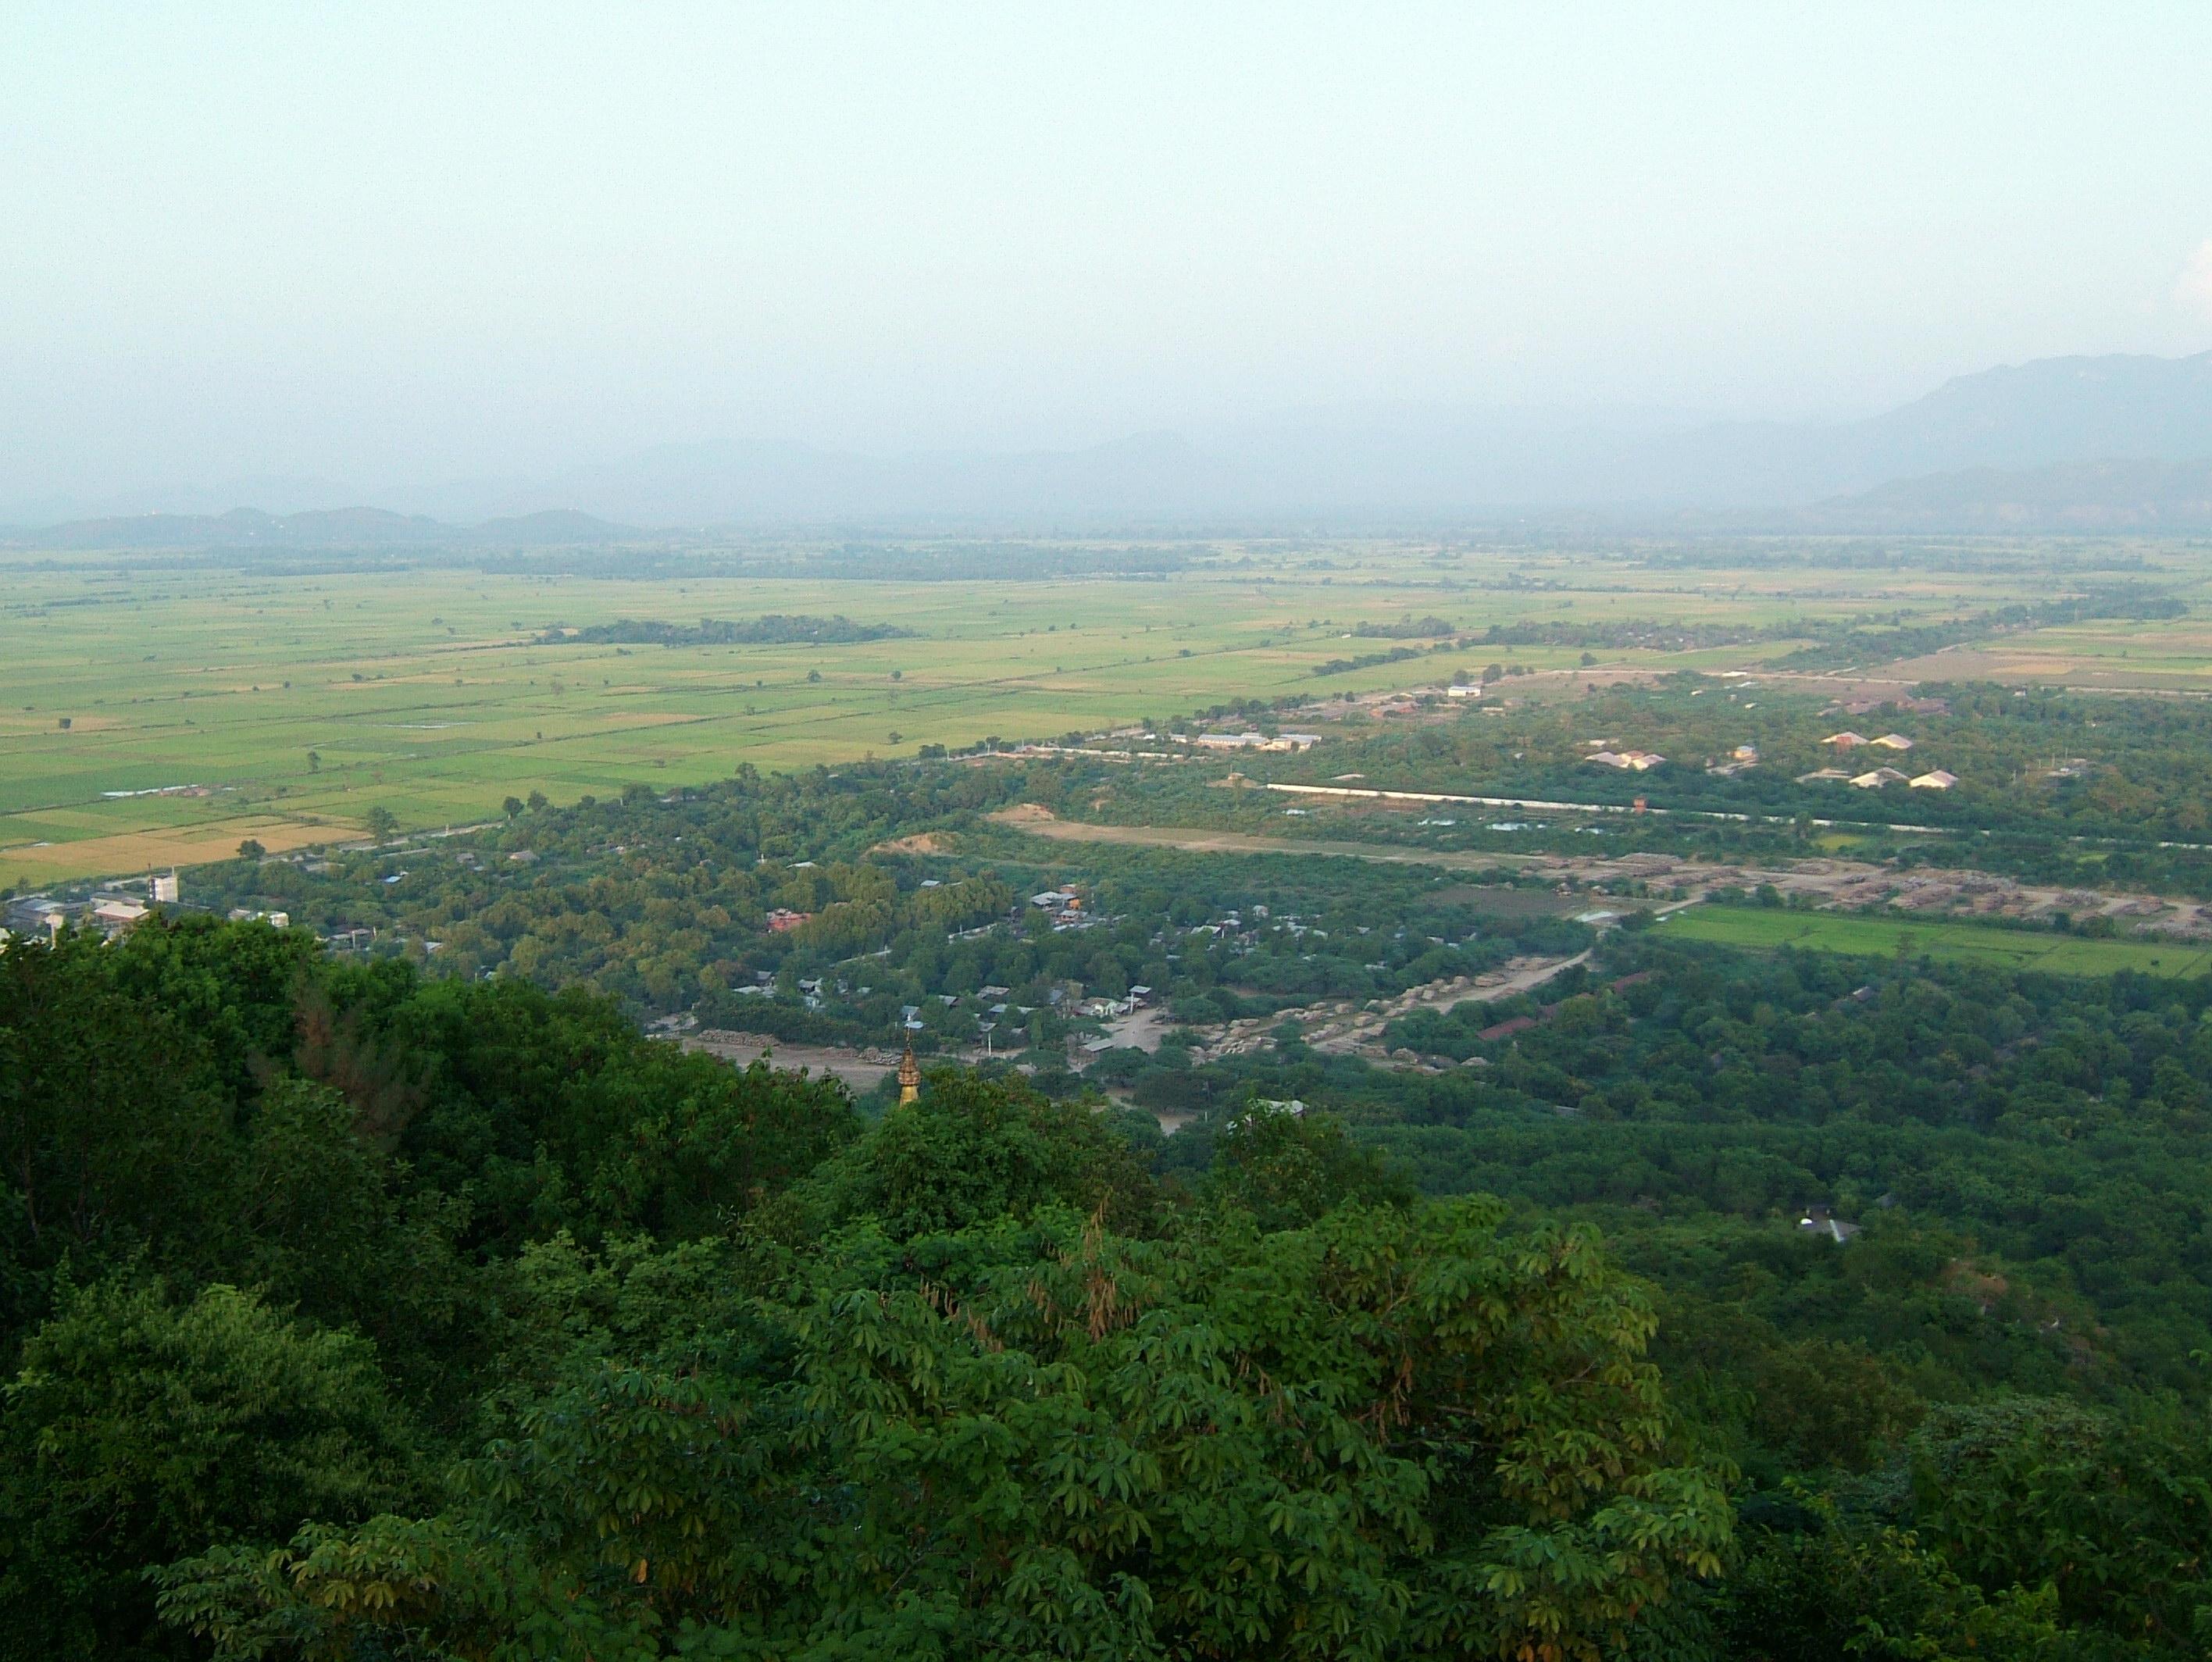 Mandalay Hill Sutaungpyei Pagoda panoramic views Dec 2000 28